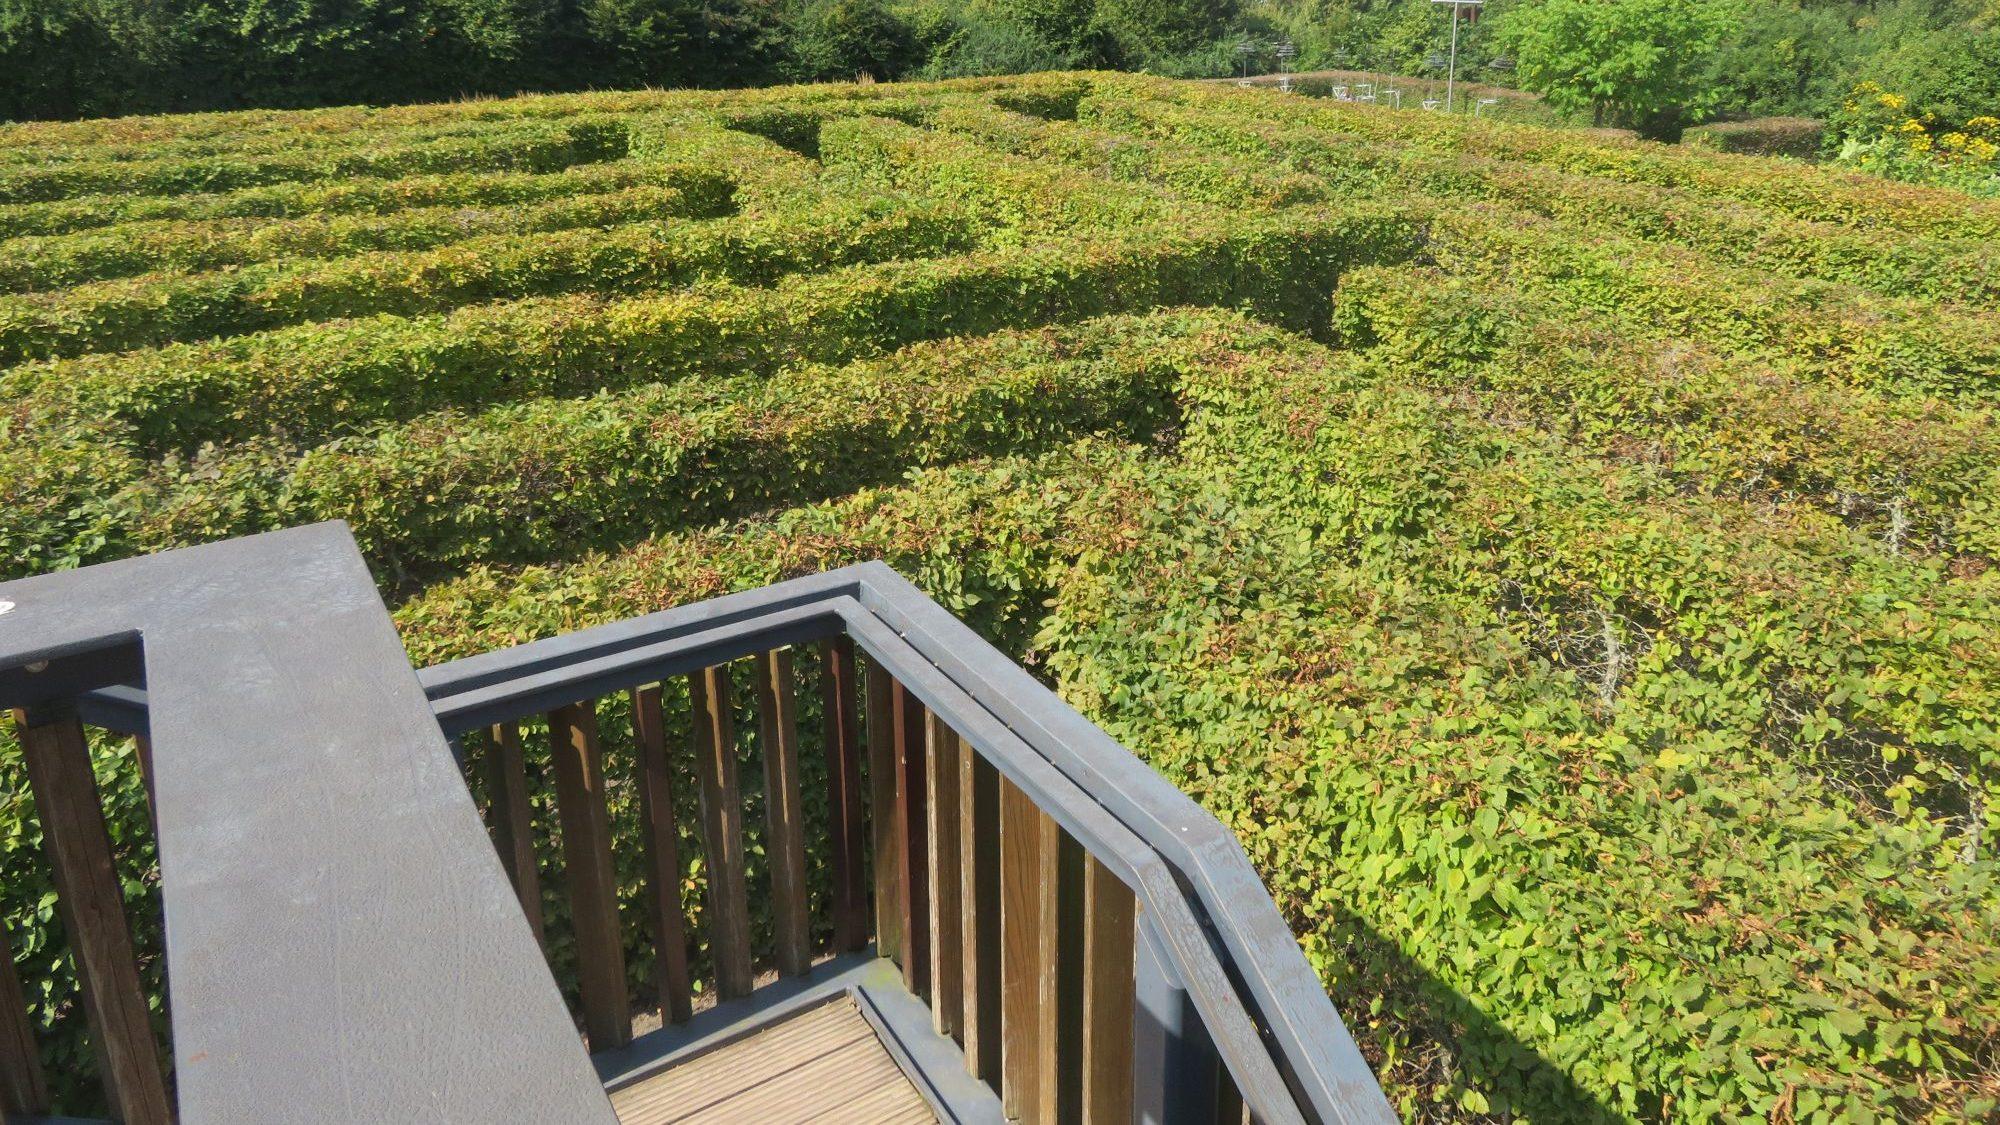 Inside the Maze, Sauerland Park, 2021